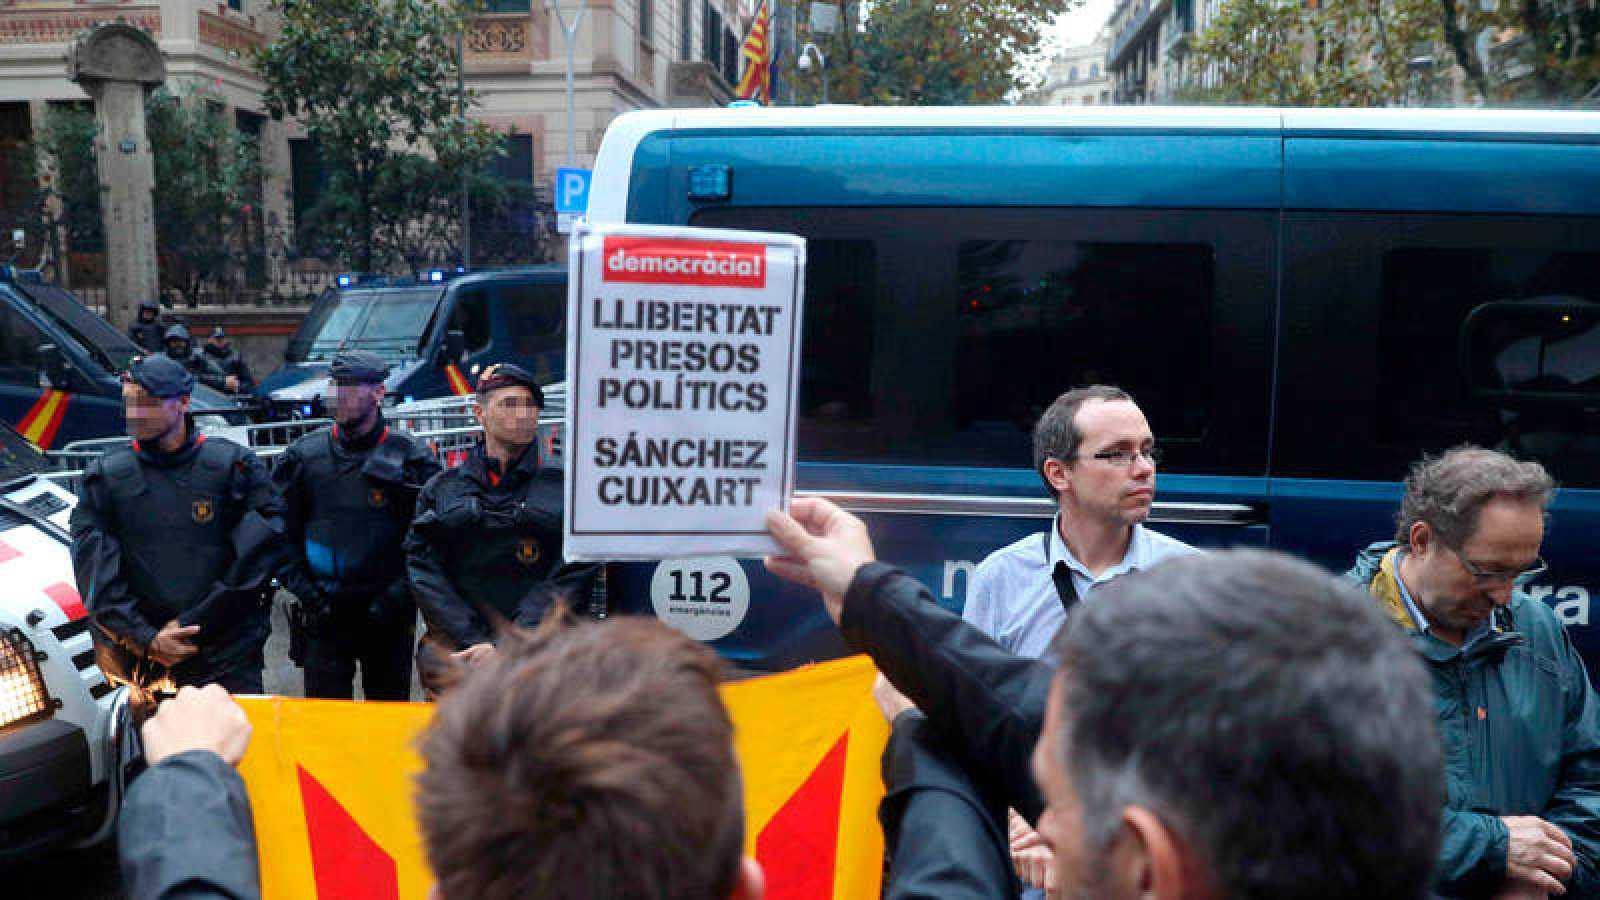 Concentración de la CUP ante la Delegación del Gobierno en Barcelona en protesta por la detención de los presidentes de la Asamblea Nacional de Cataluña (ANC), Jordi Sànchez, y de Òmnium Cultural, Jordi Cuixart.